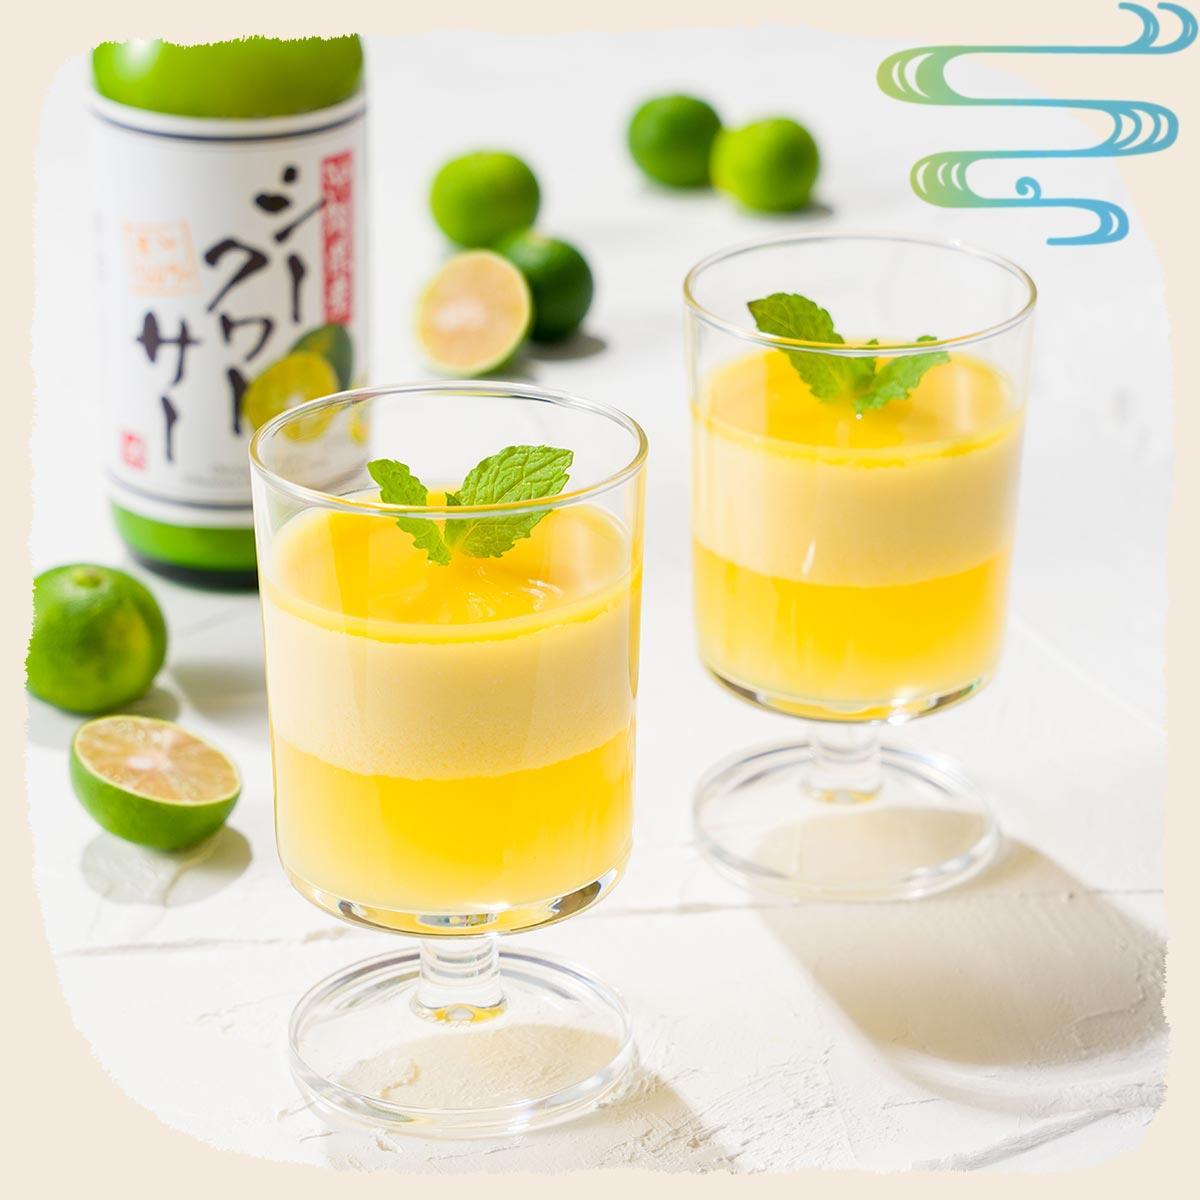 おいしい沖縄‗シークヮーサー果汁レシピ